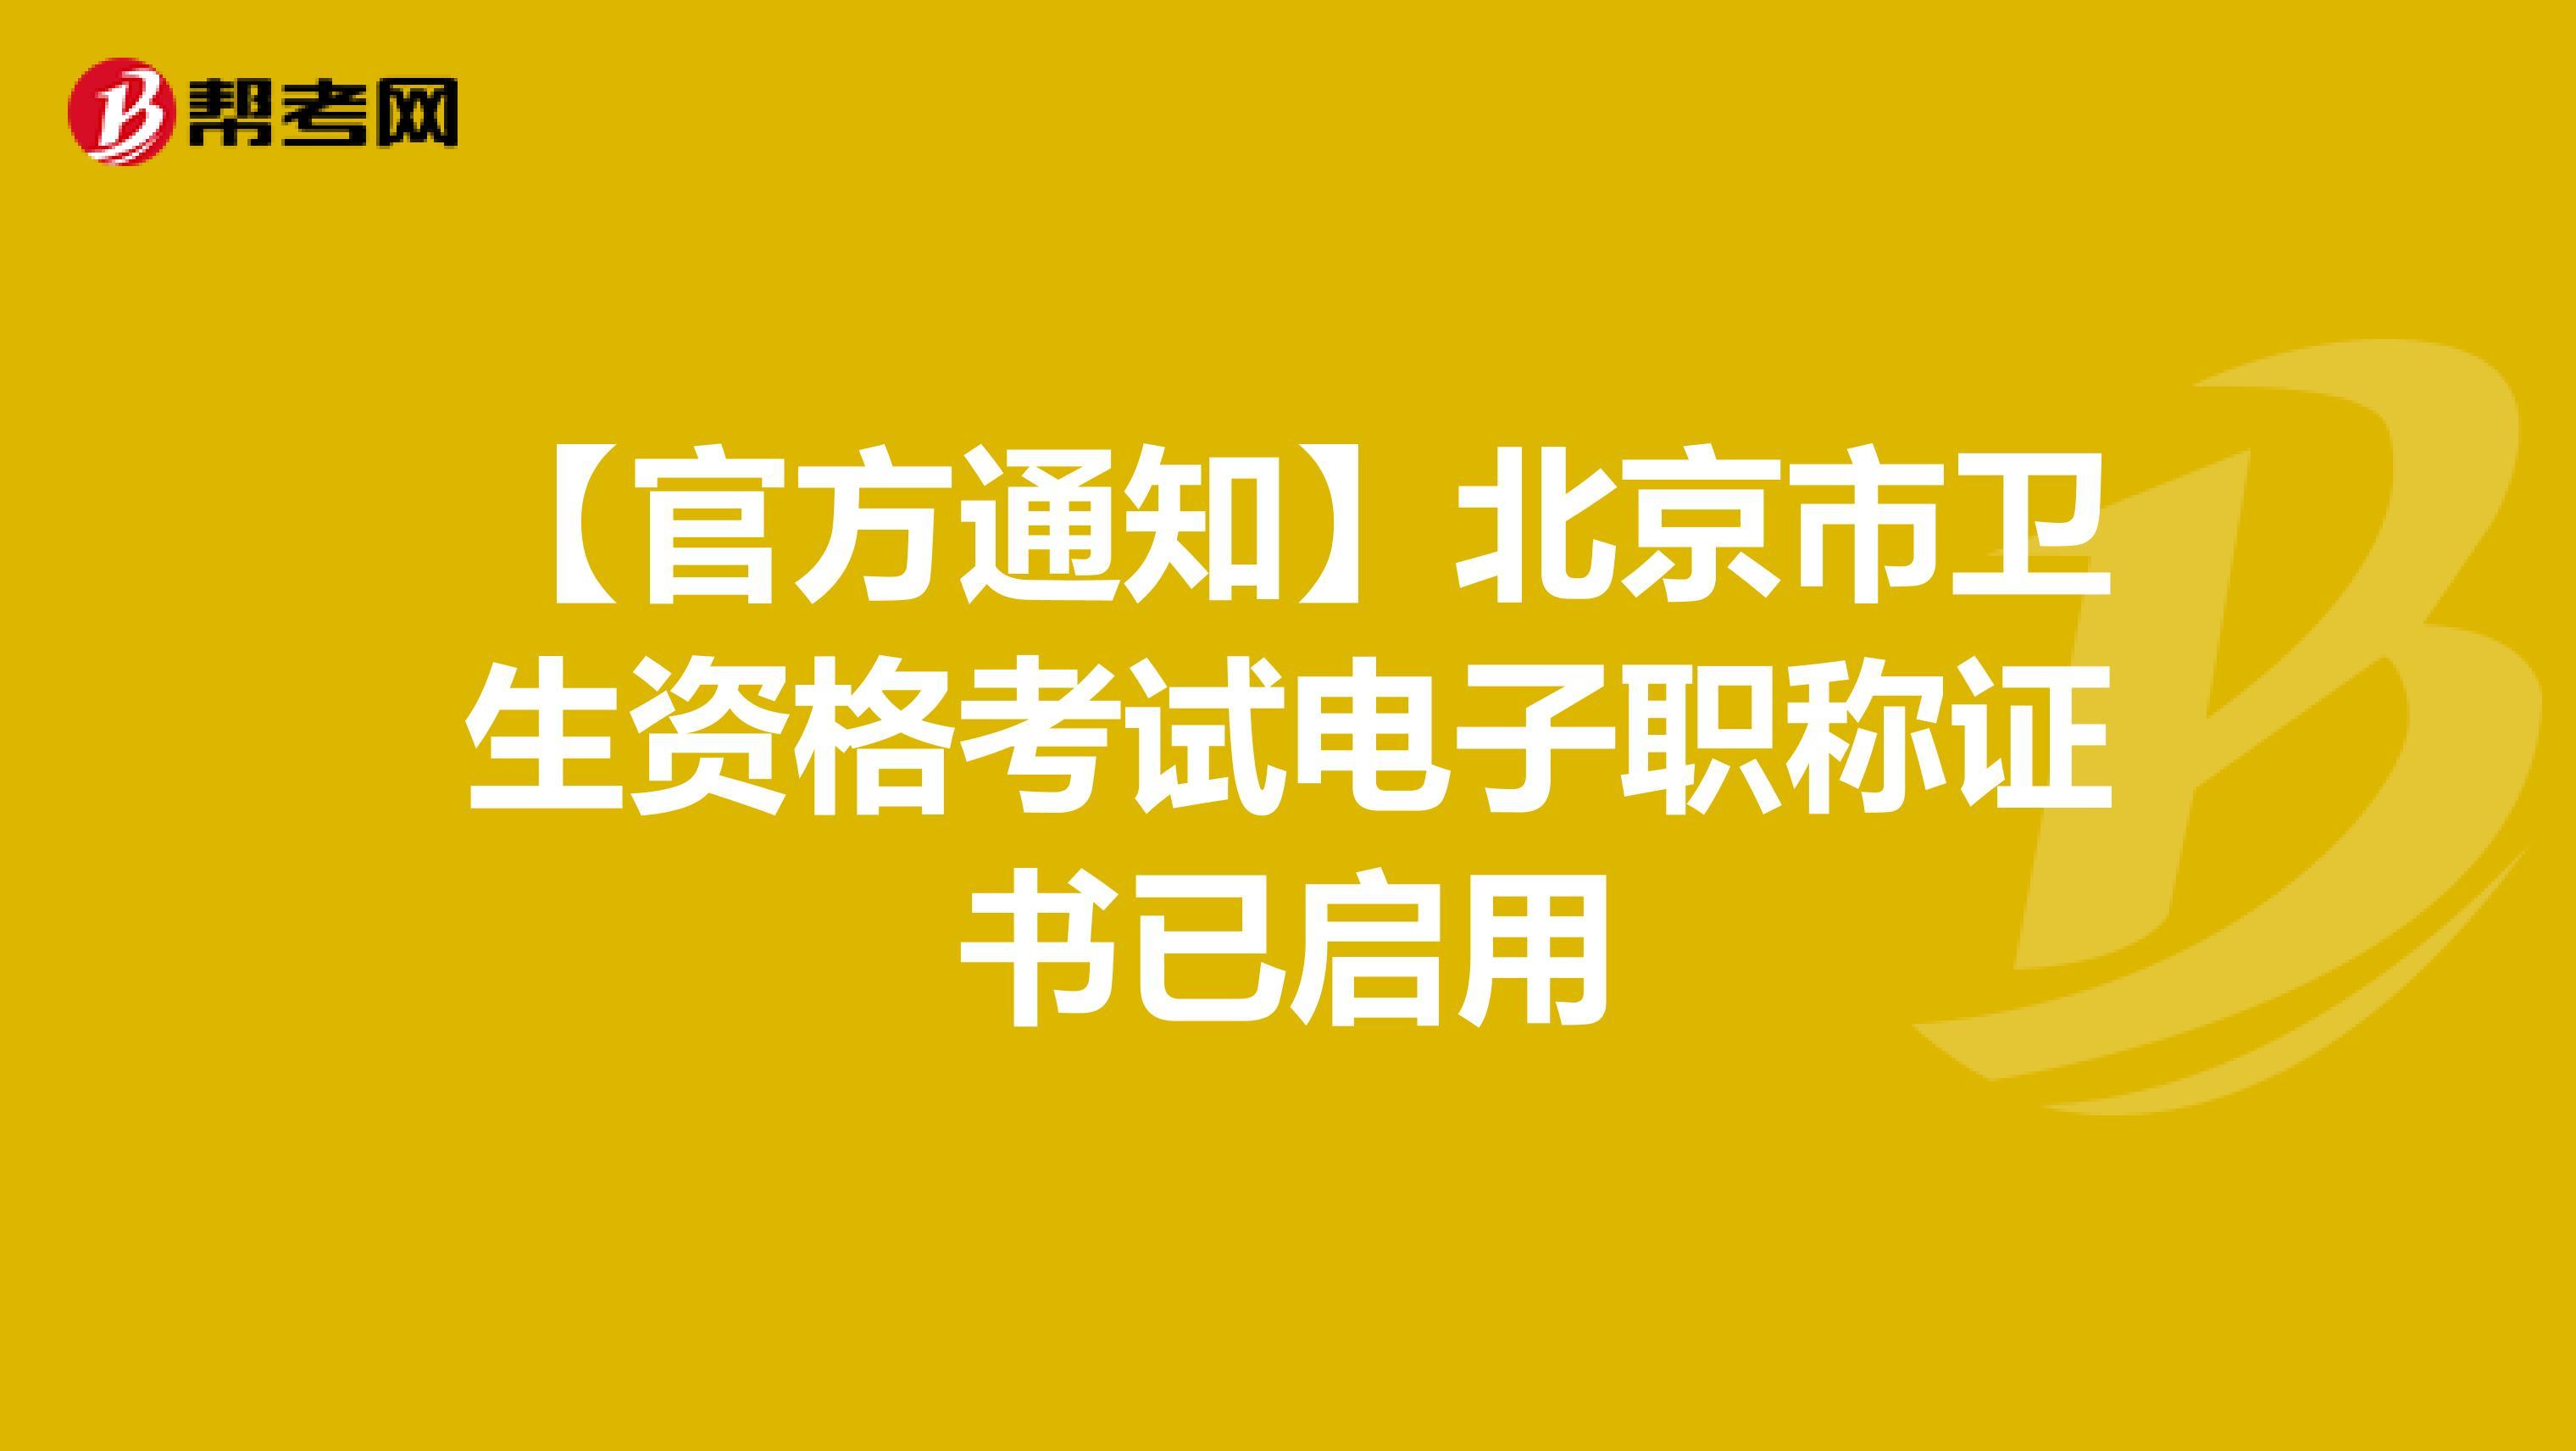 【官方通知】北京市衛生資格考試電子職稱證書已啟用